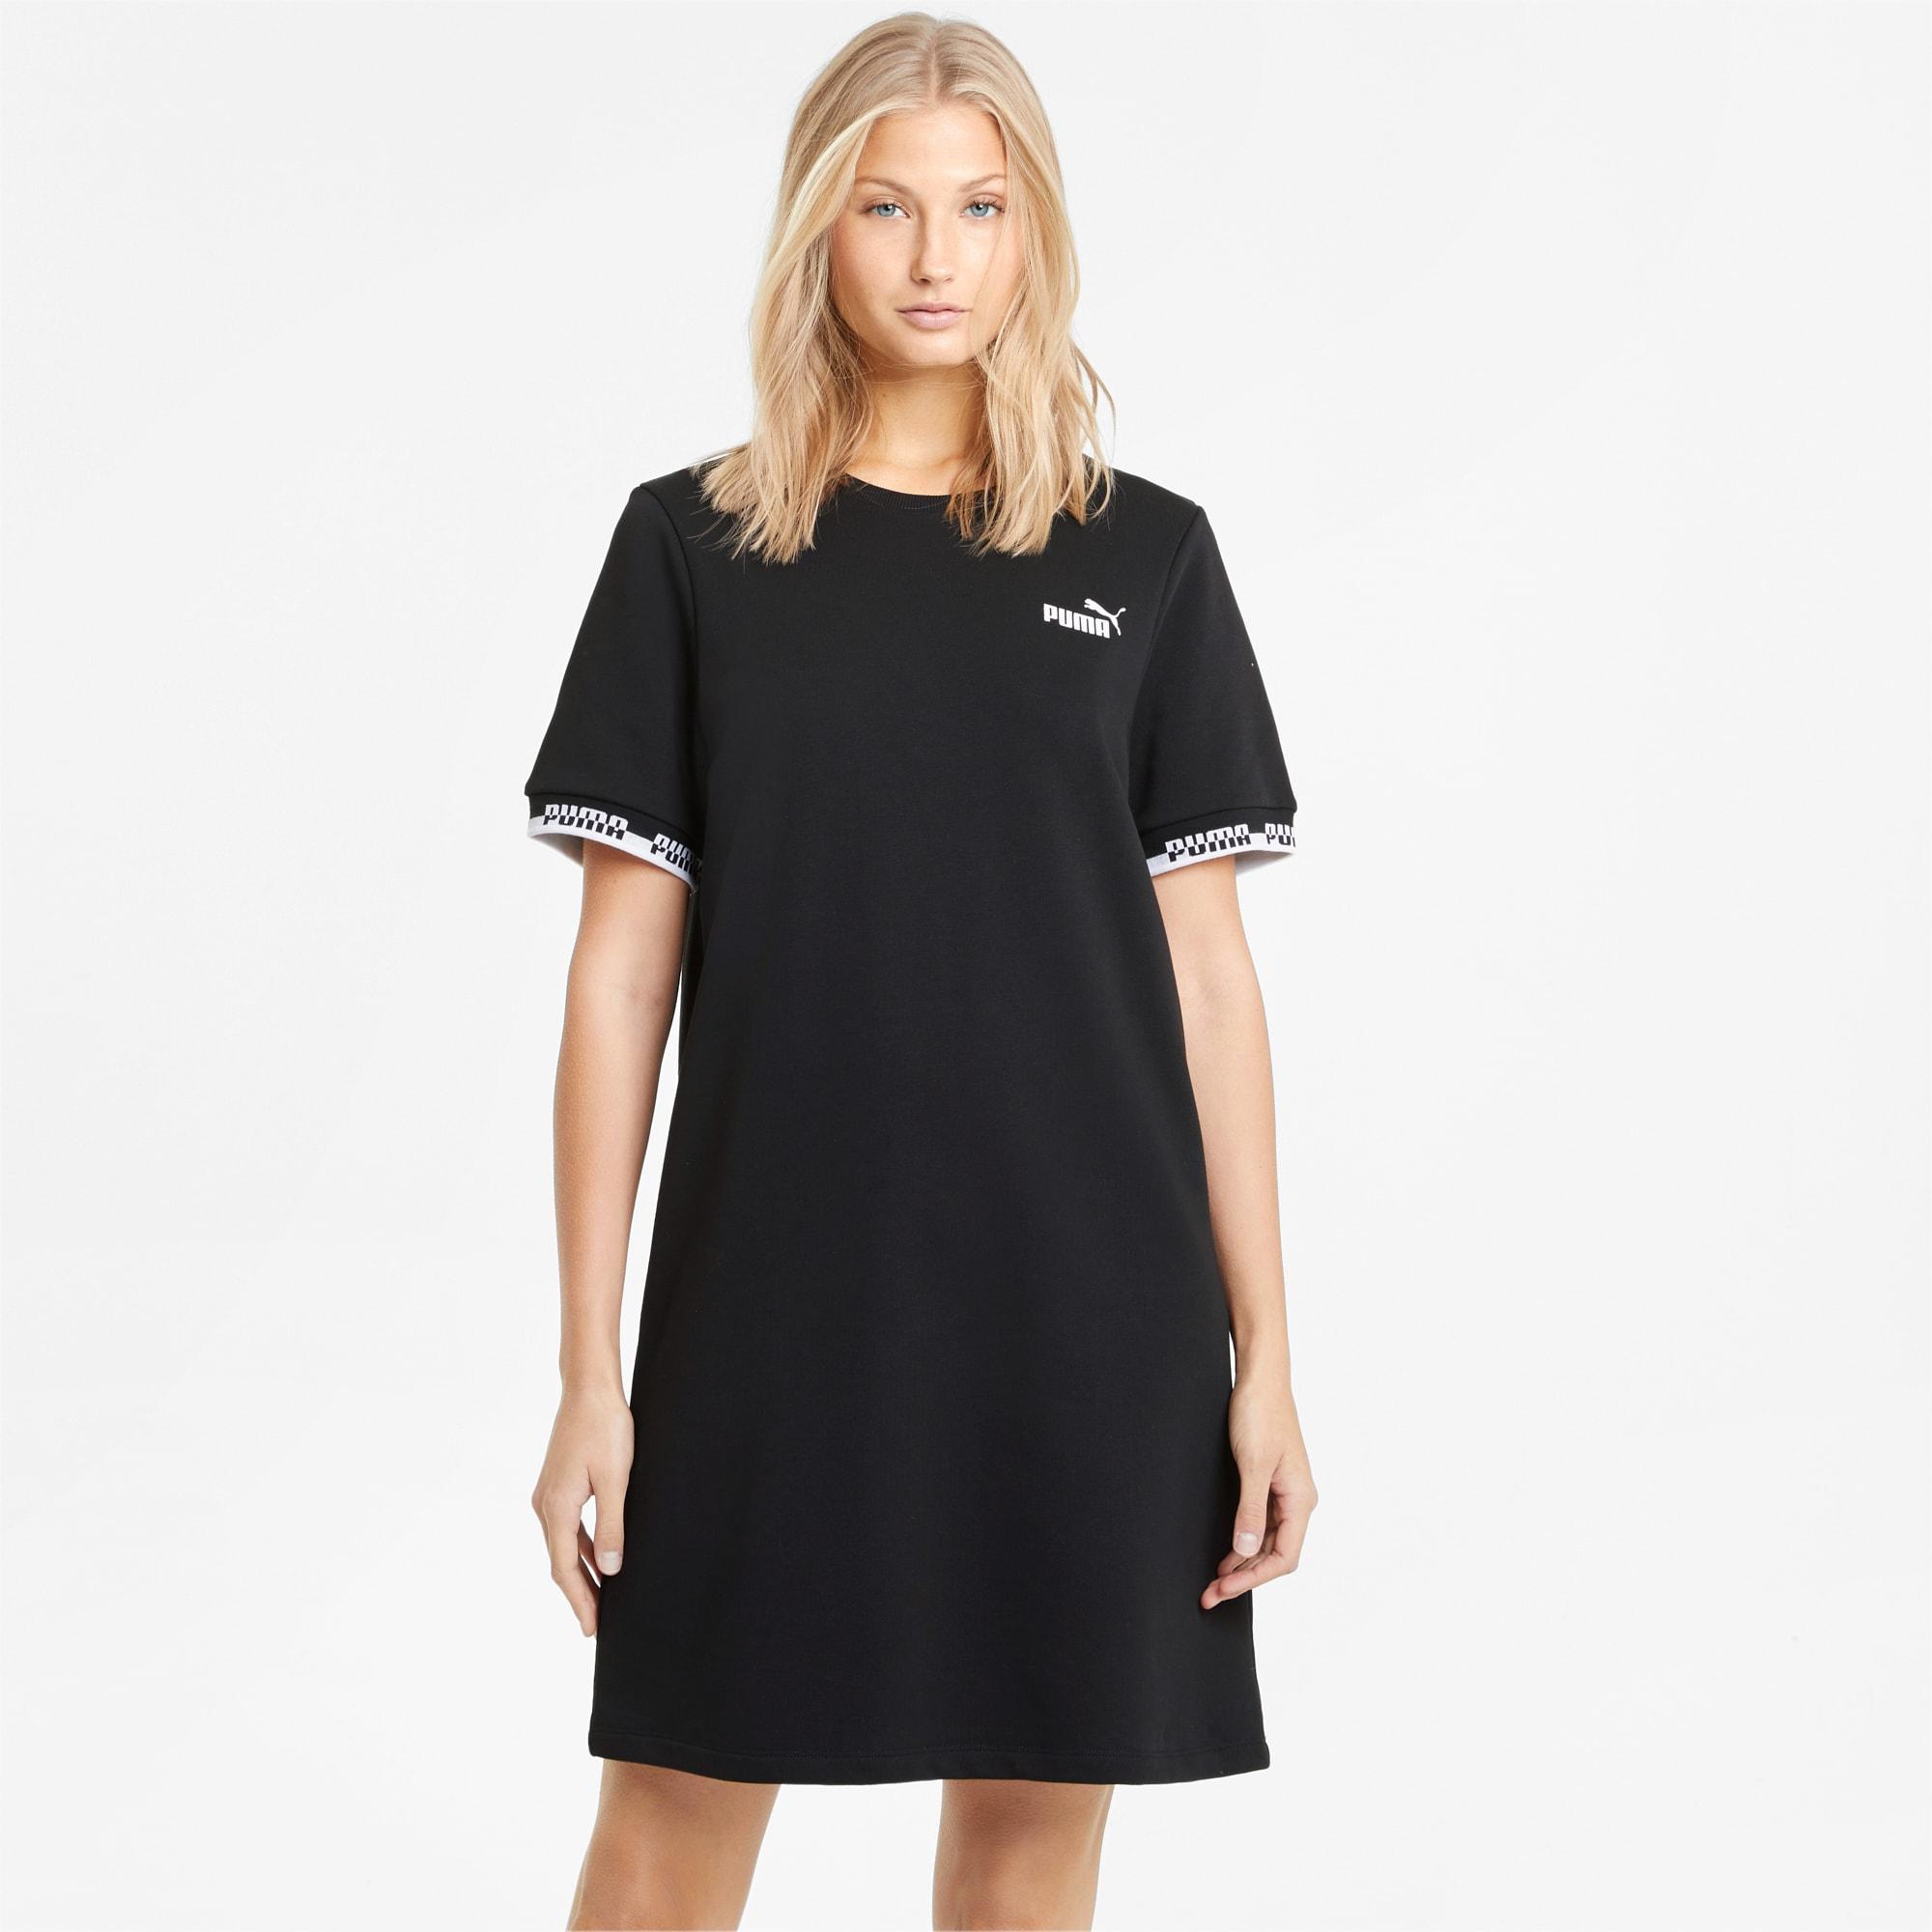 Amplified Women's Dress